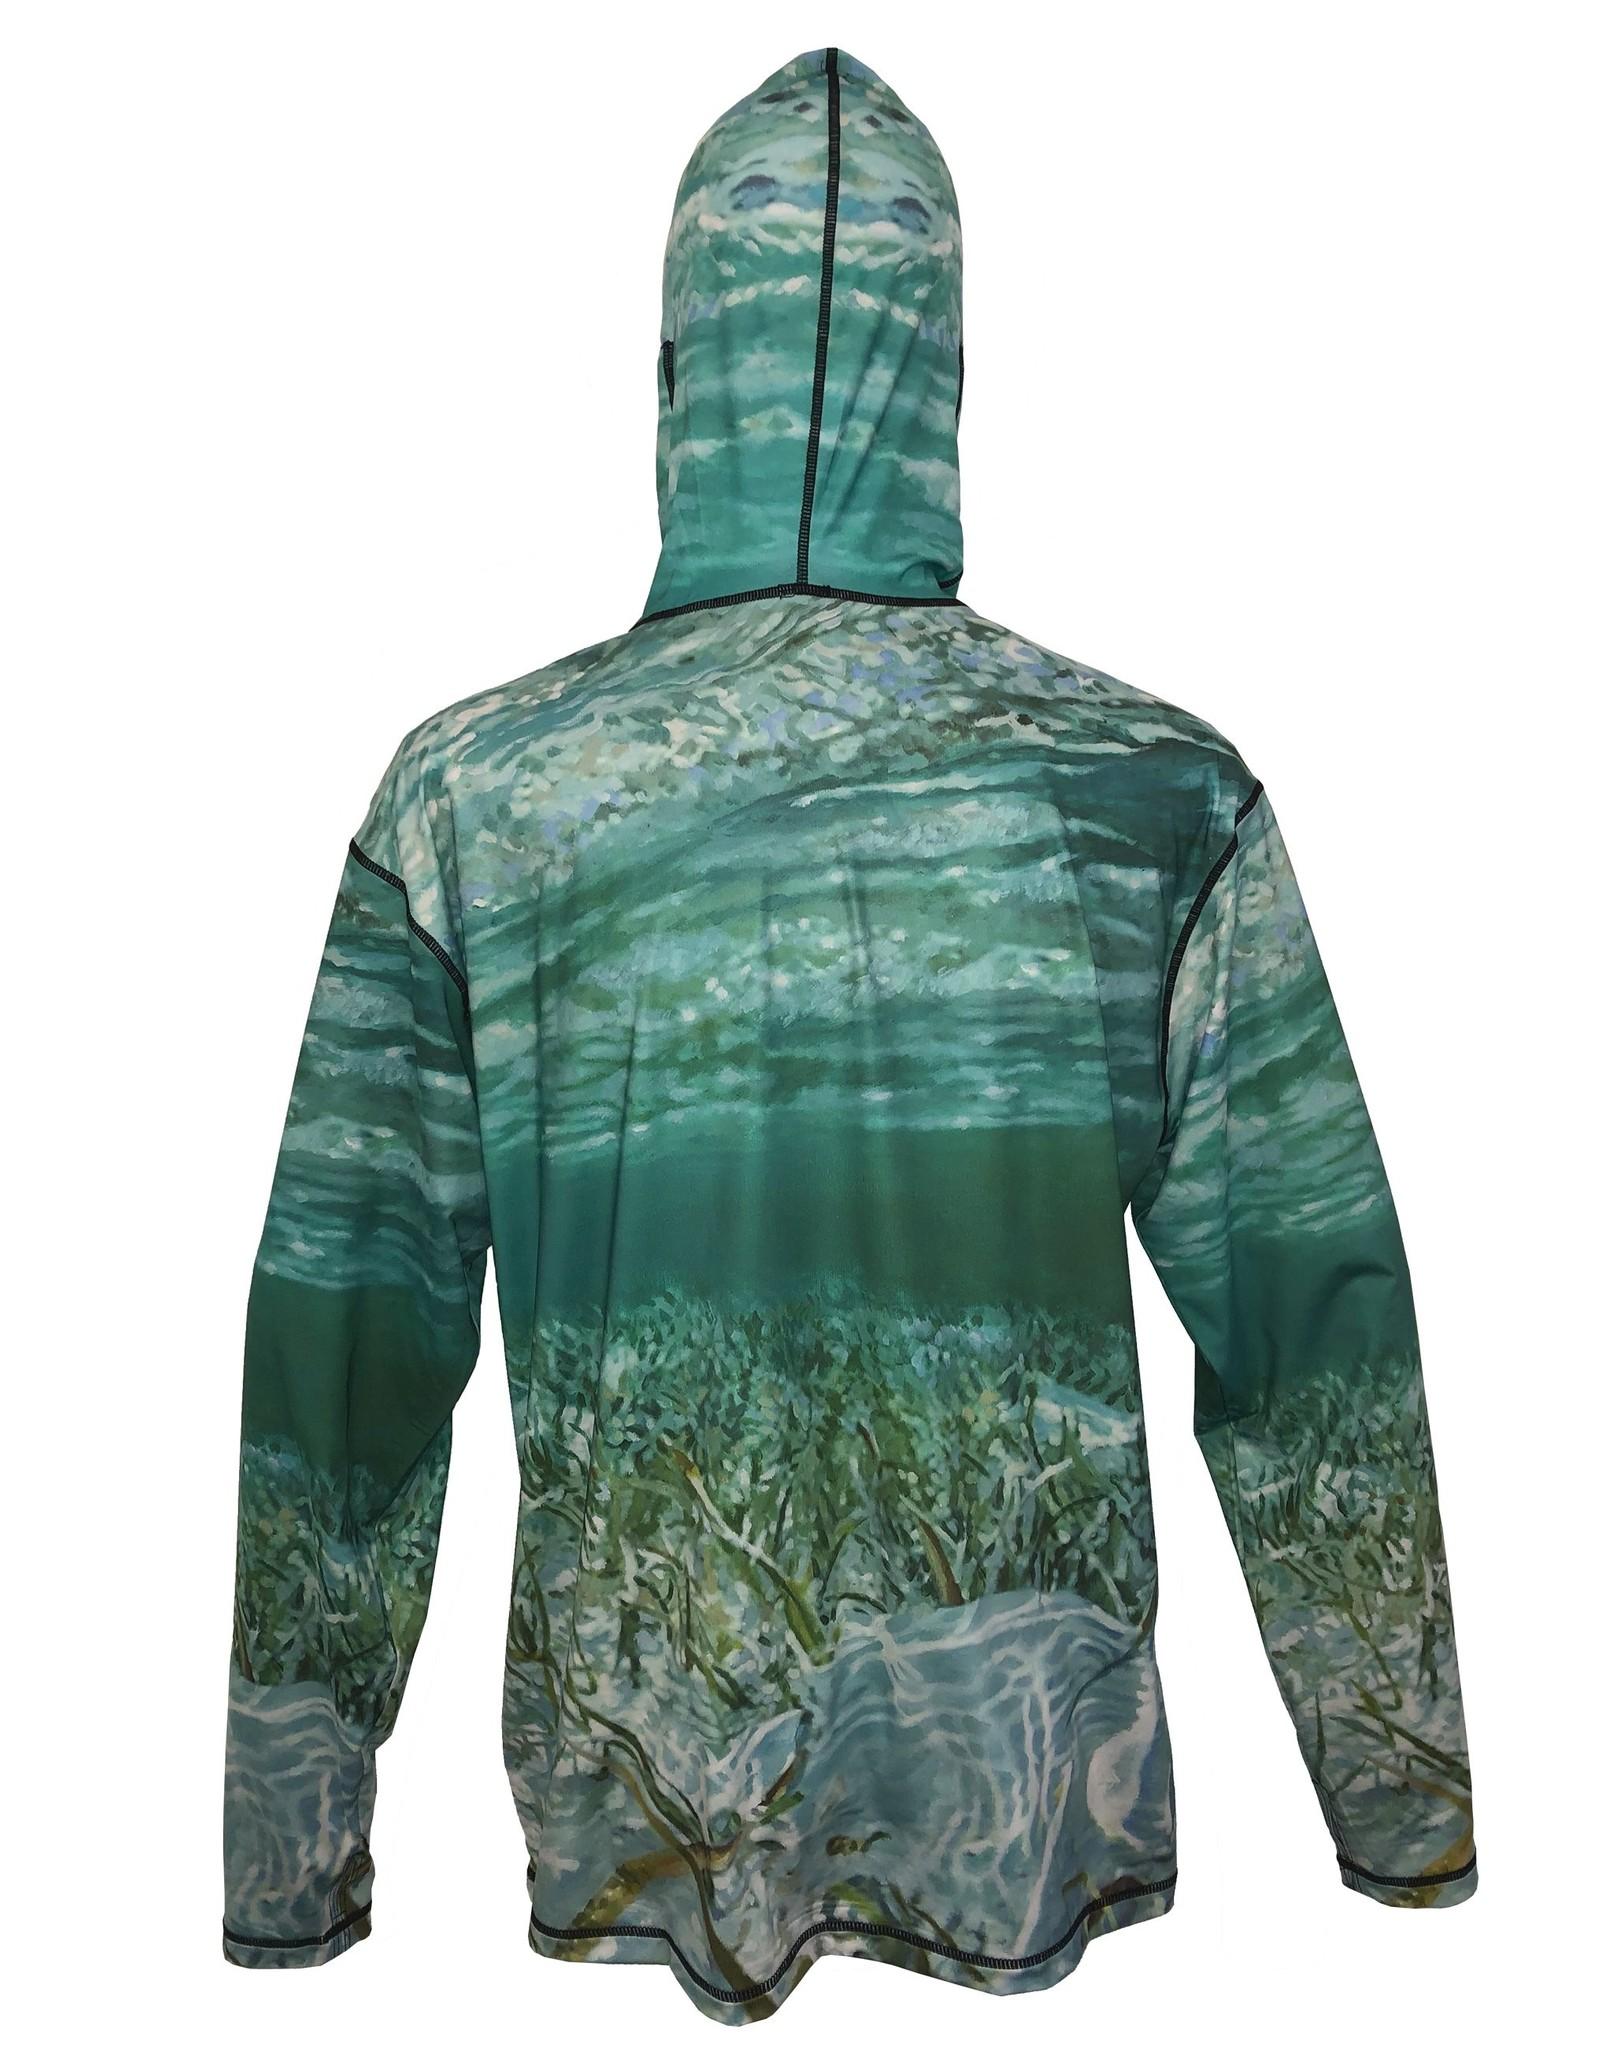 Cognito Fishing Apparel Cognito - SunPro Hoodie - Permit